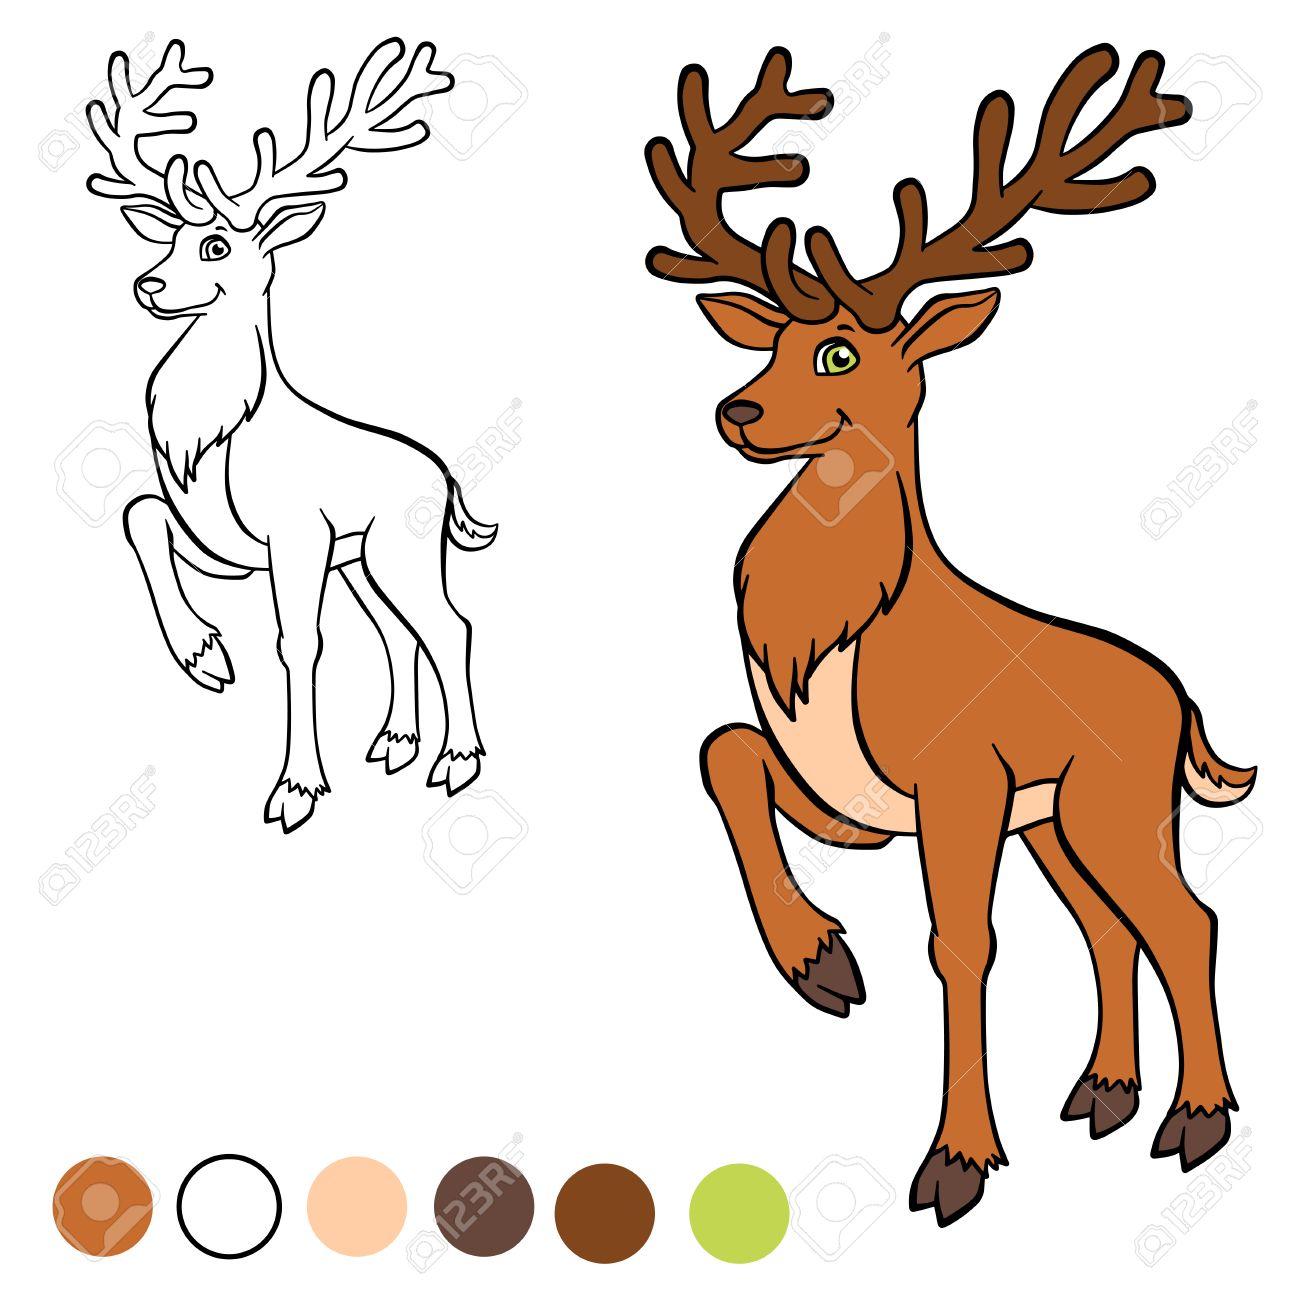 Dibujos De Ciervos Para Colorear. Awesome. Free. Dibujo Para ...